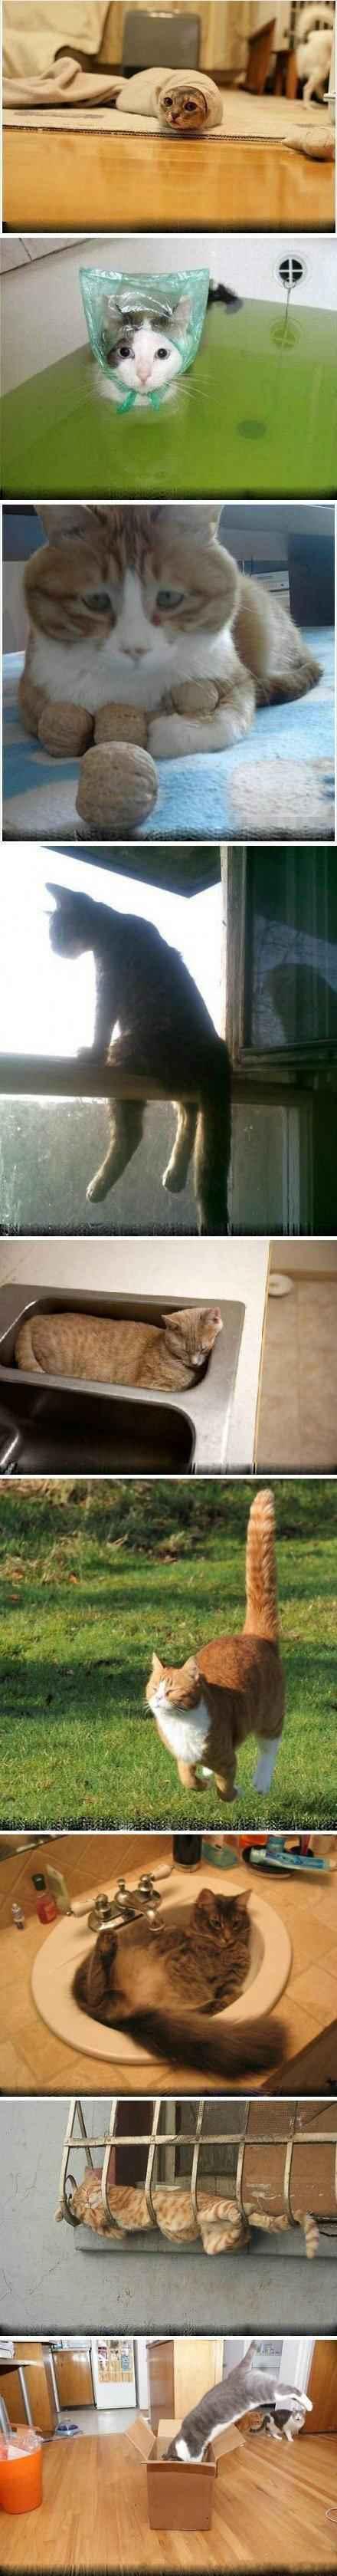 你永远无法猜透,一只猫的思维。。。